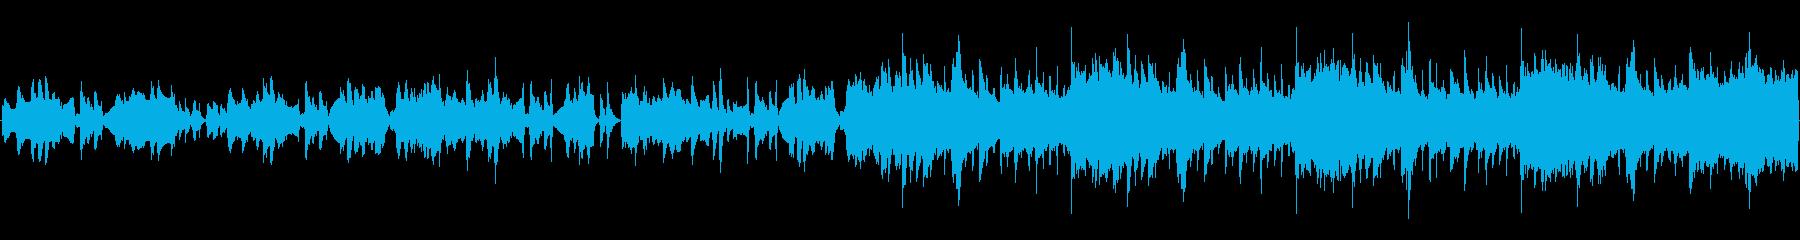 軽いピチカートほのぼのループの再生済みの波形